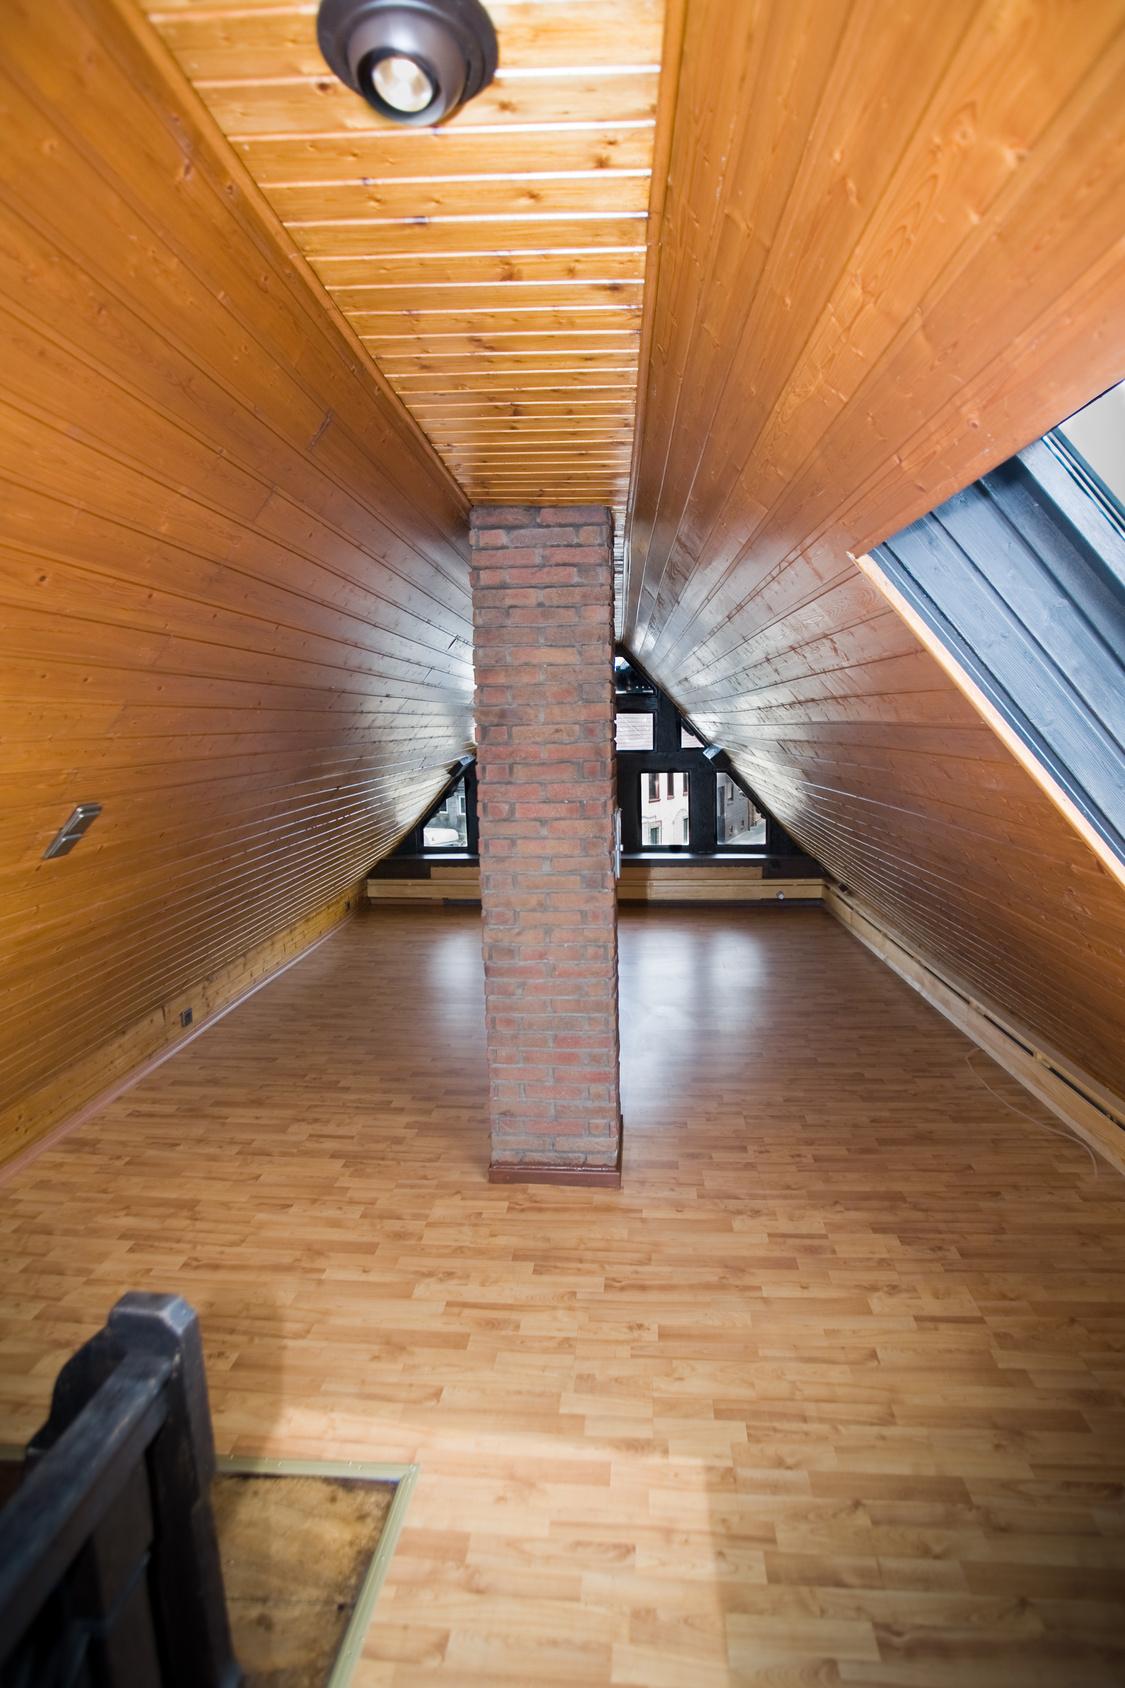 Anspruchsvoll Dachausbau Ideen Ideen Von Paneele Aus Holz - Auch Für Dachschrägen